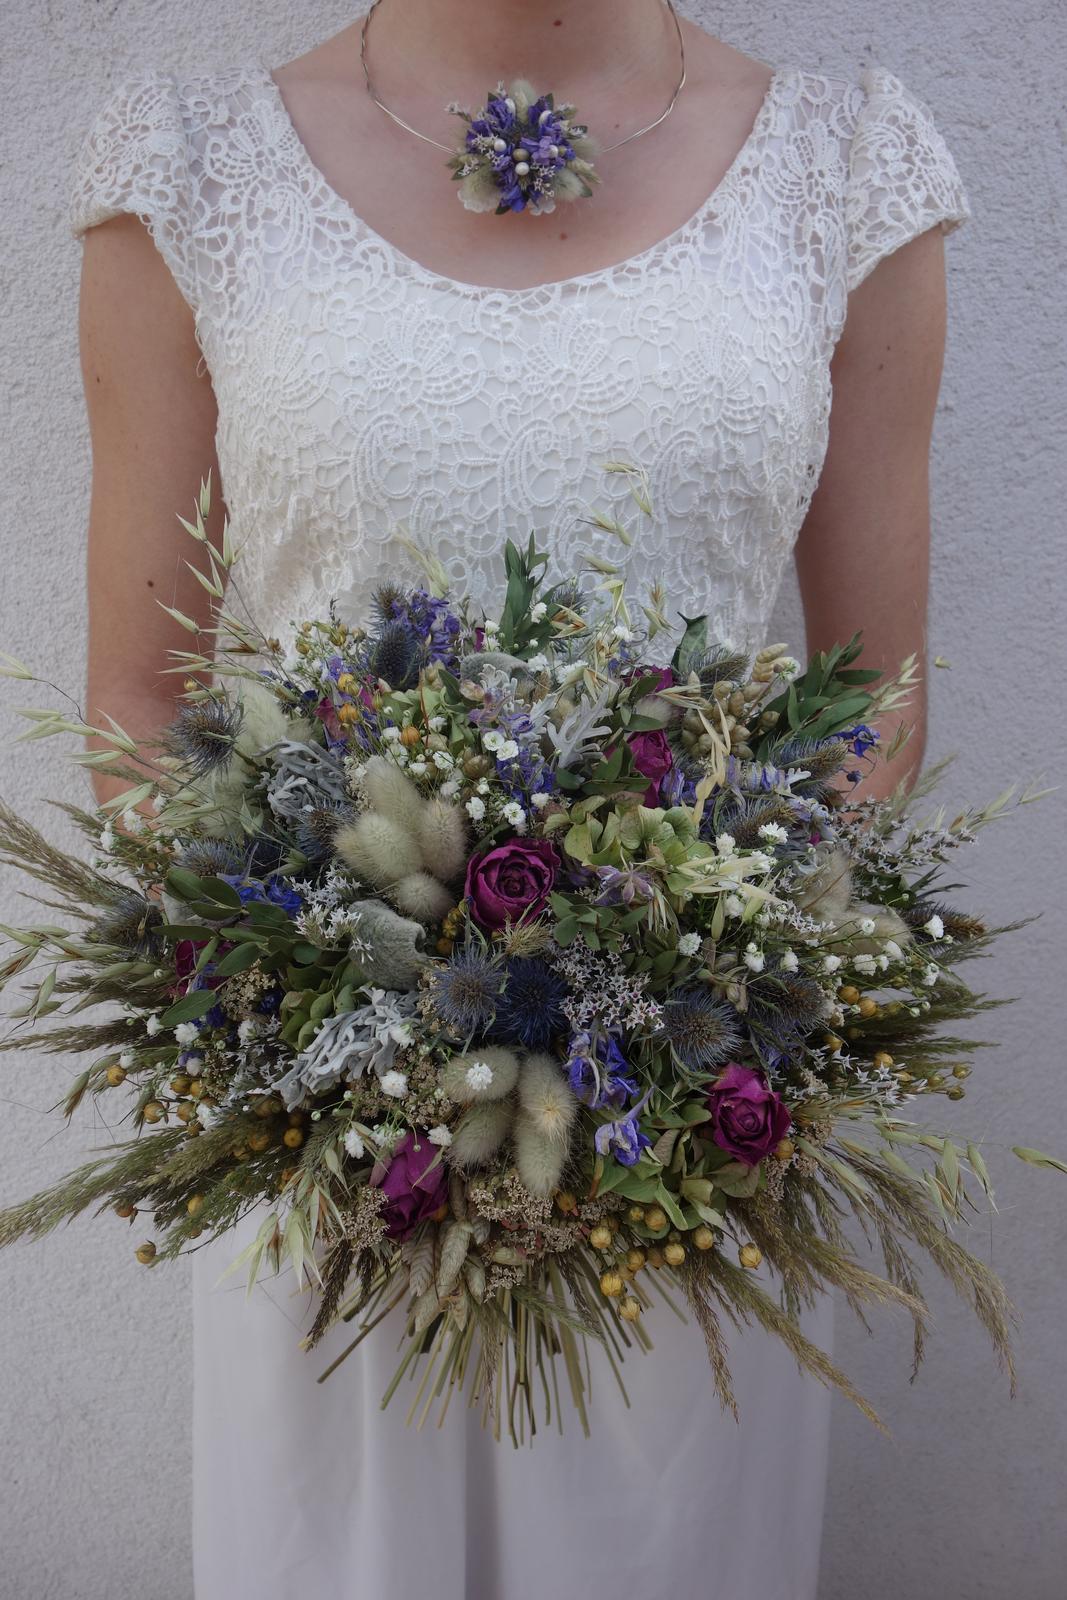 Moje svadobné kytice zo sušených kvetov rok 2019 - Obrázok č. 2